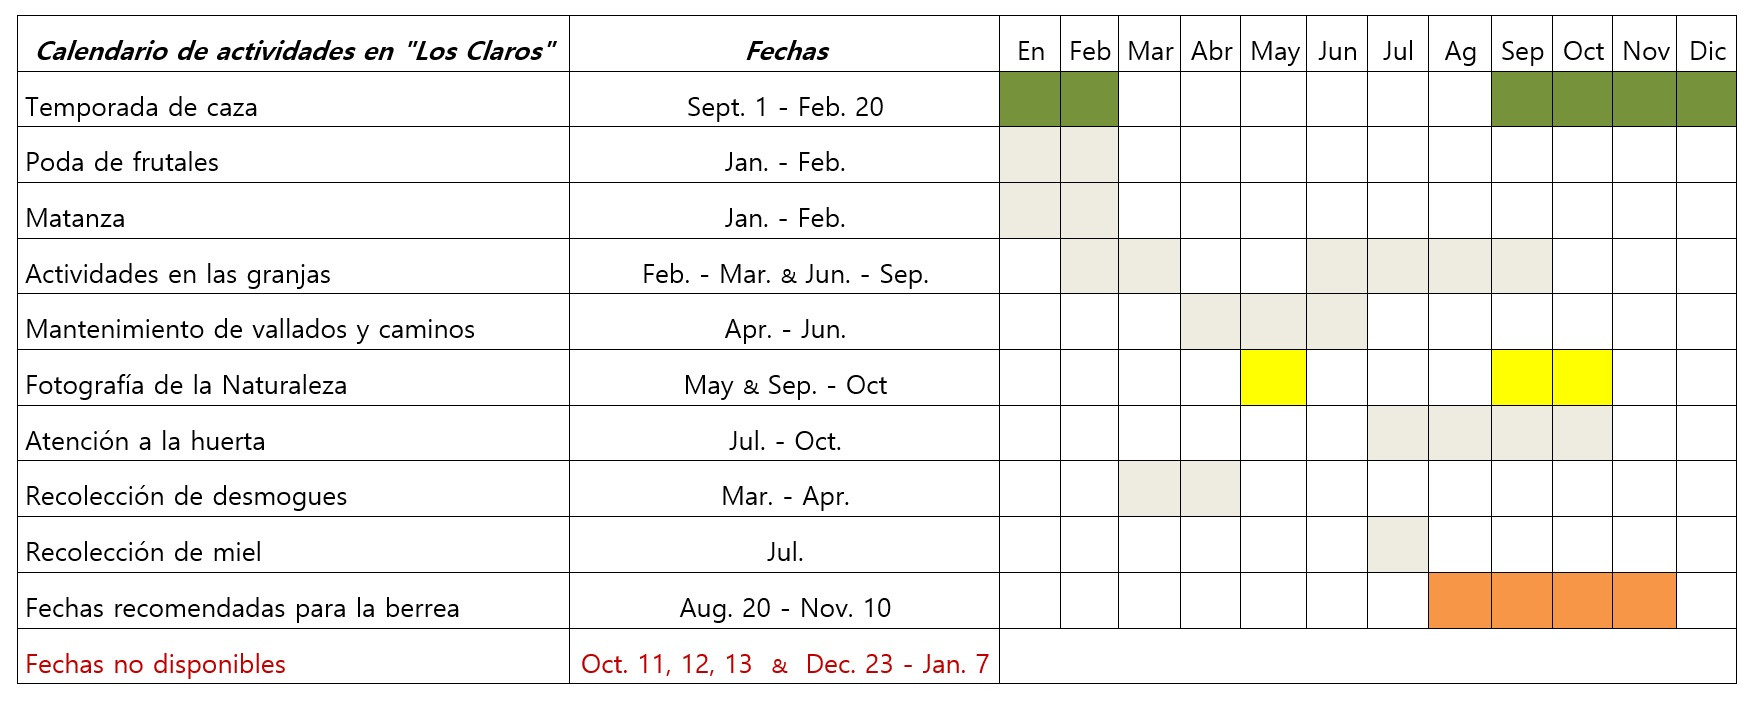 Calendario rural en Los Claros